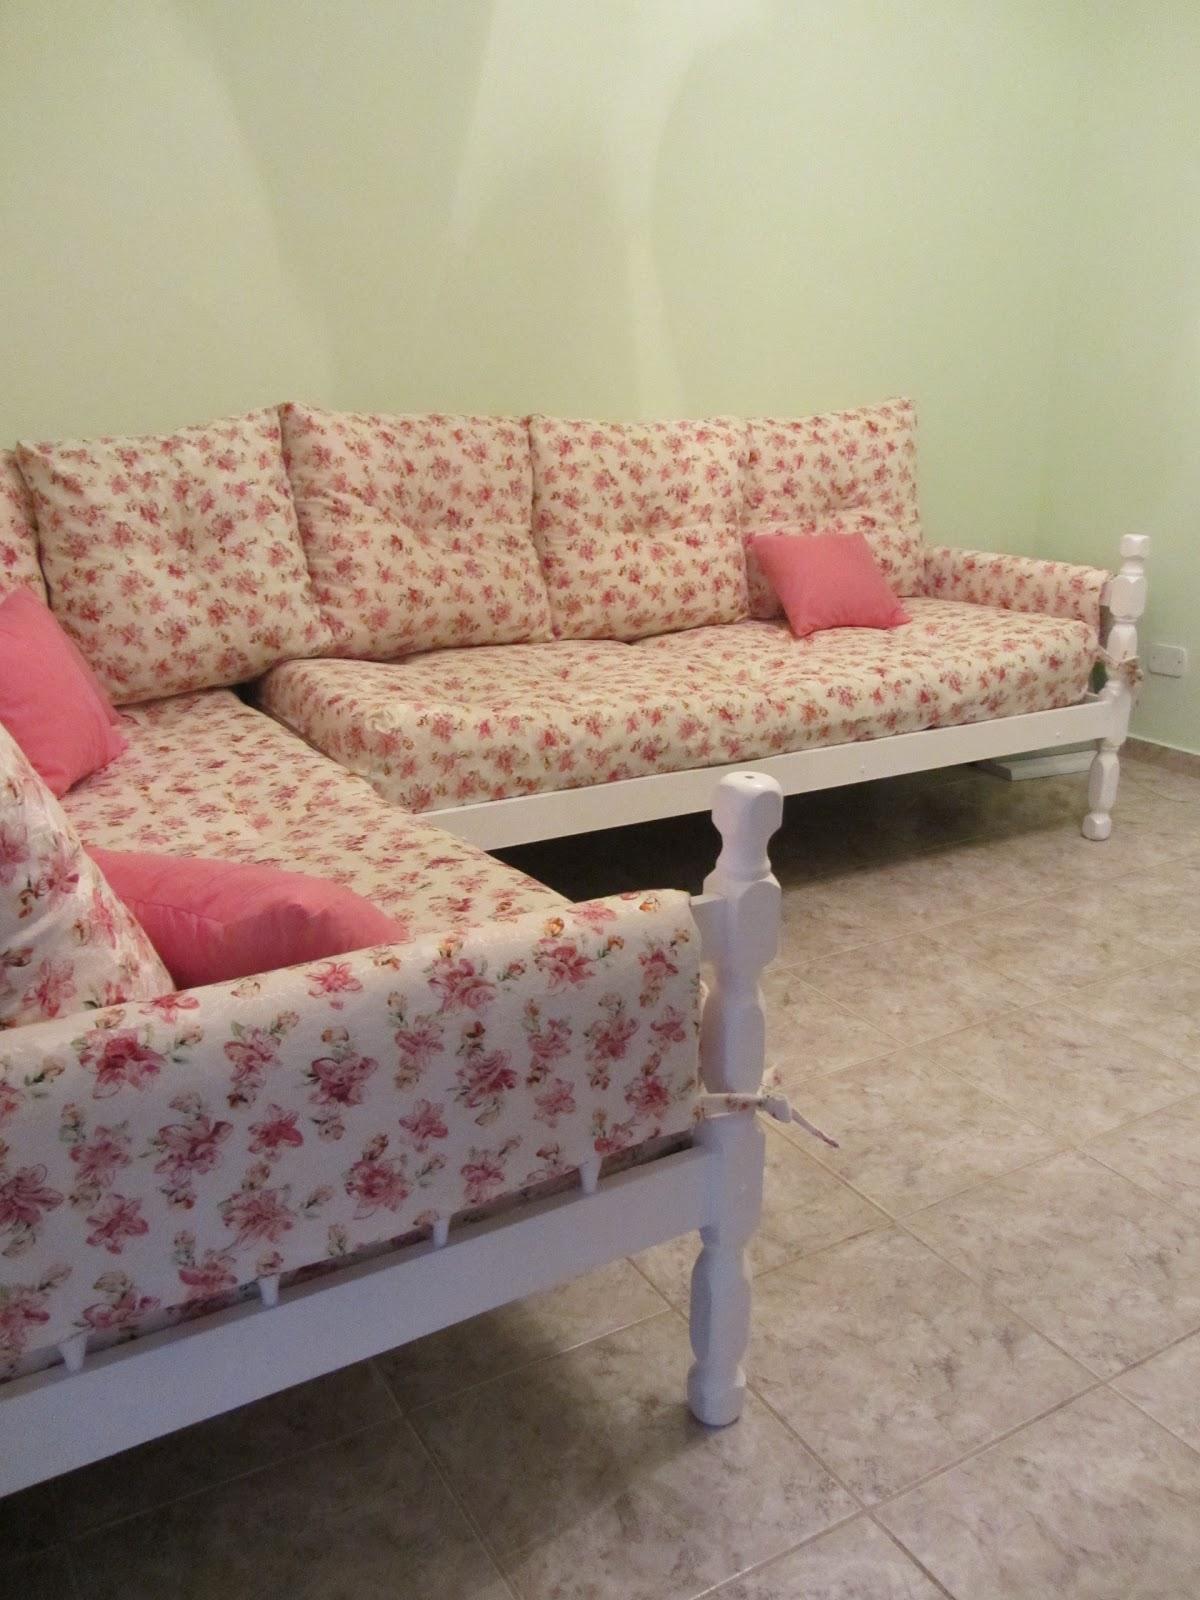 Coisas da Dê: Transformando cama em sofá #923942 1200x1600